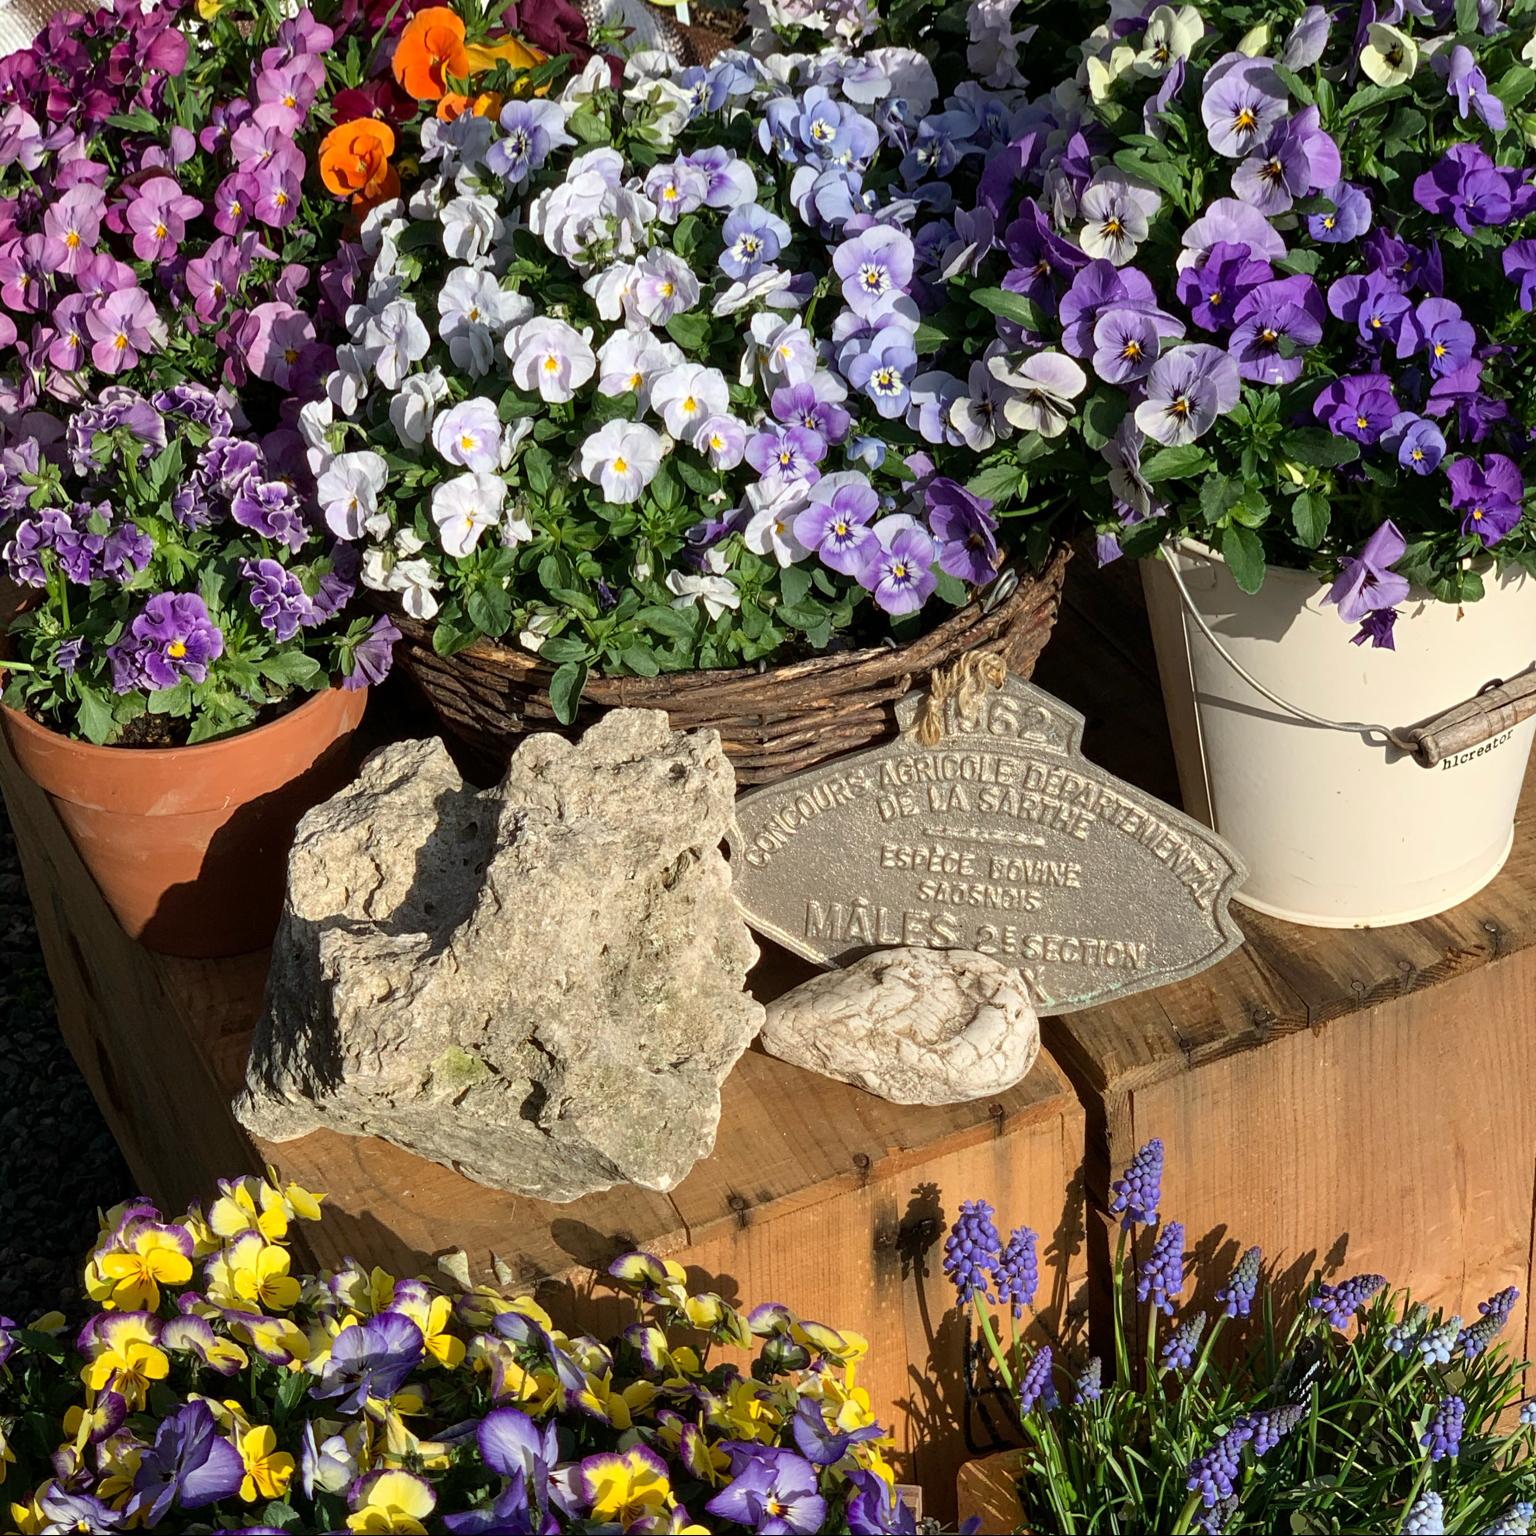 ガーデンルーム/ガーデン/はな/にわのある暮らし/趣味...などのインテリア実例 - 2021-04-22 20:11:06